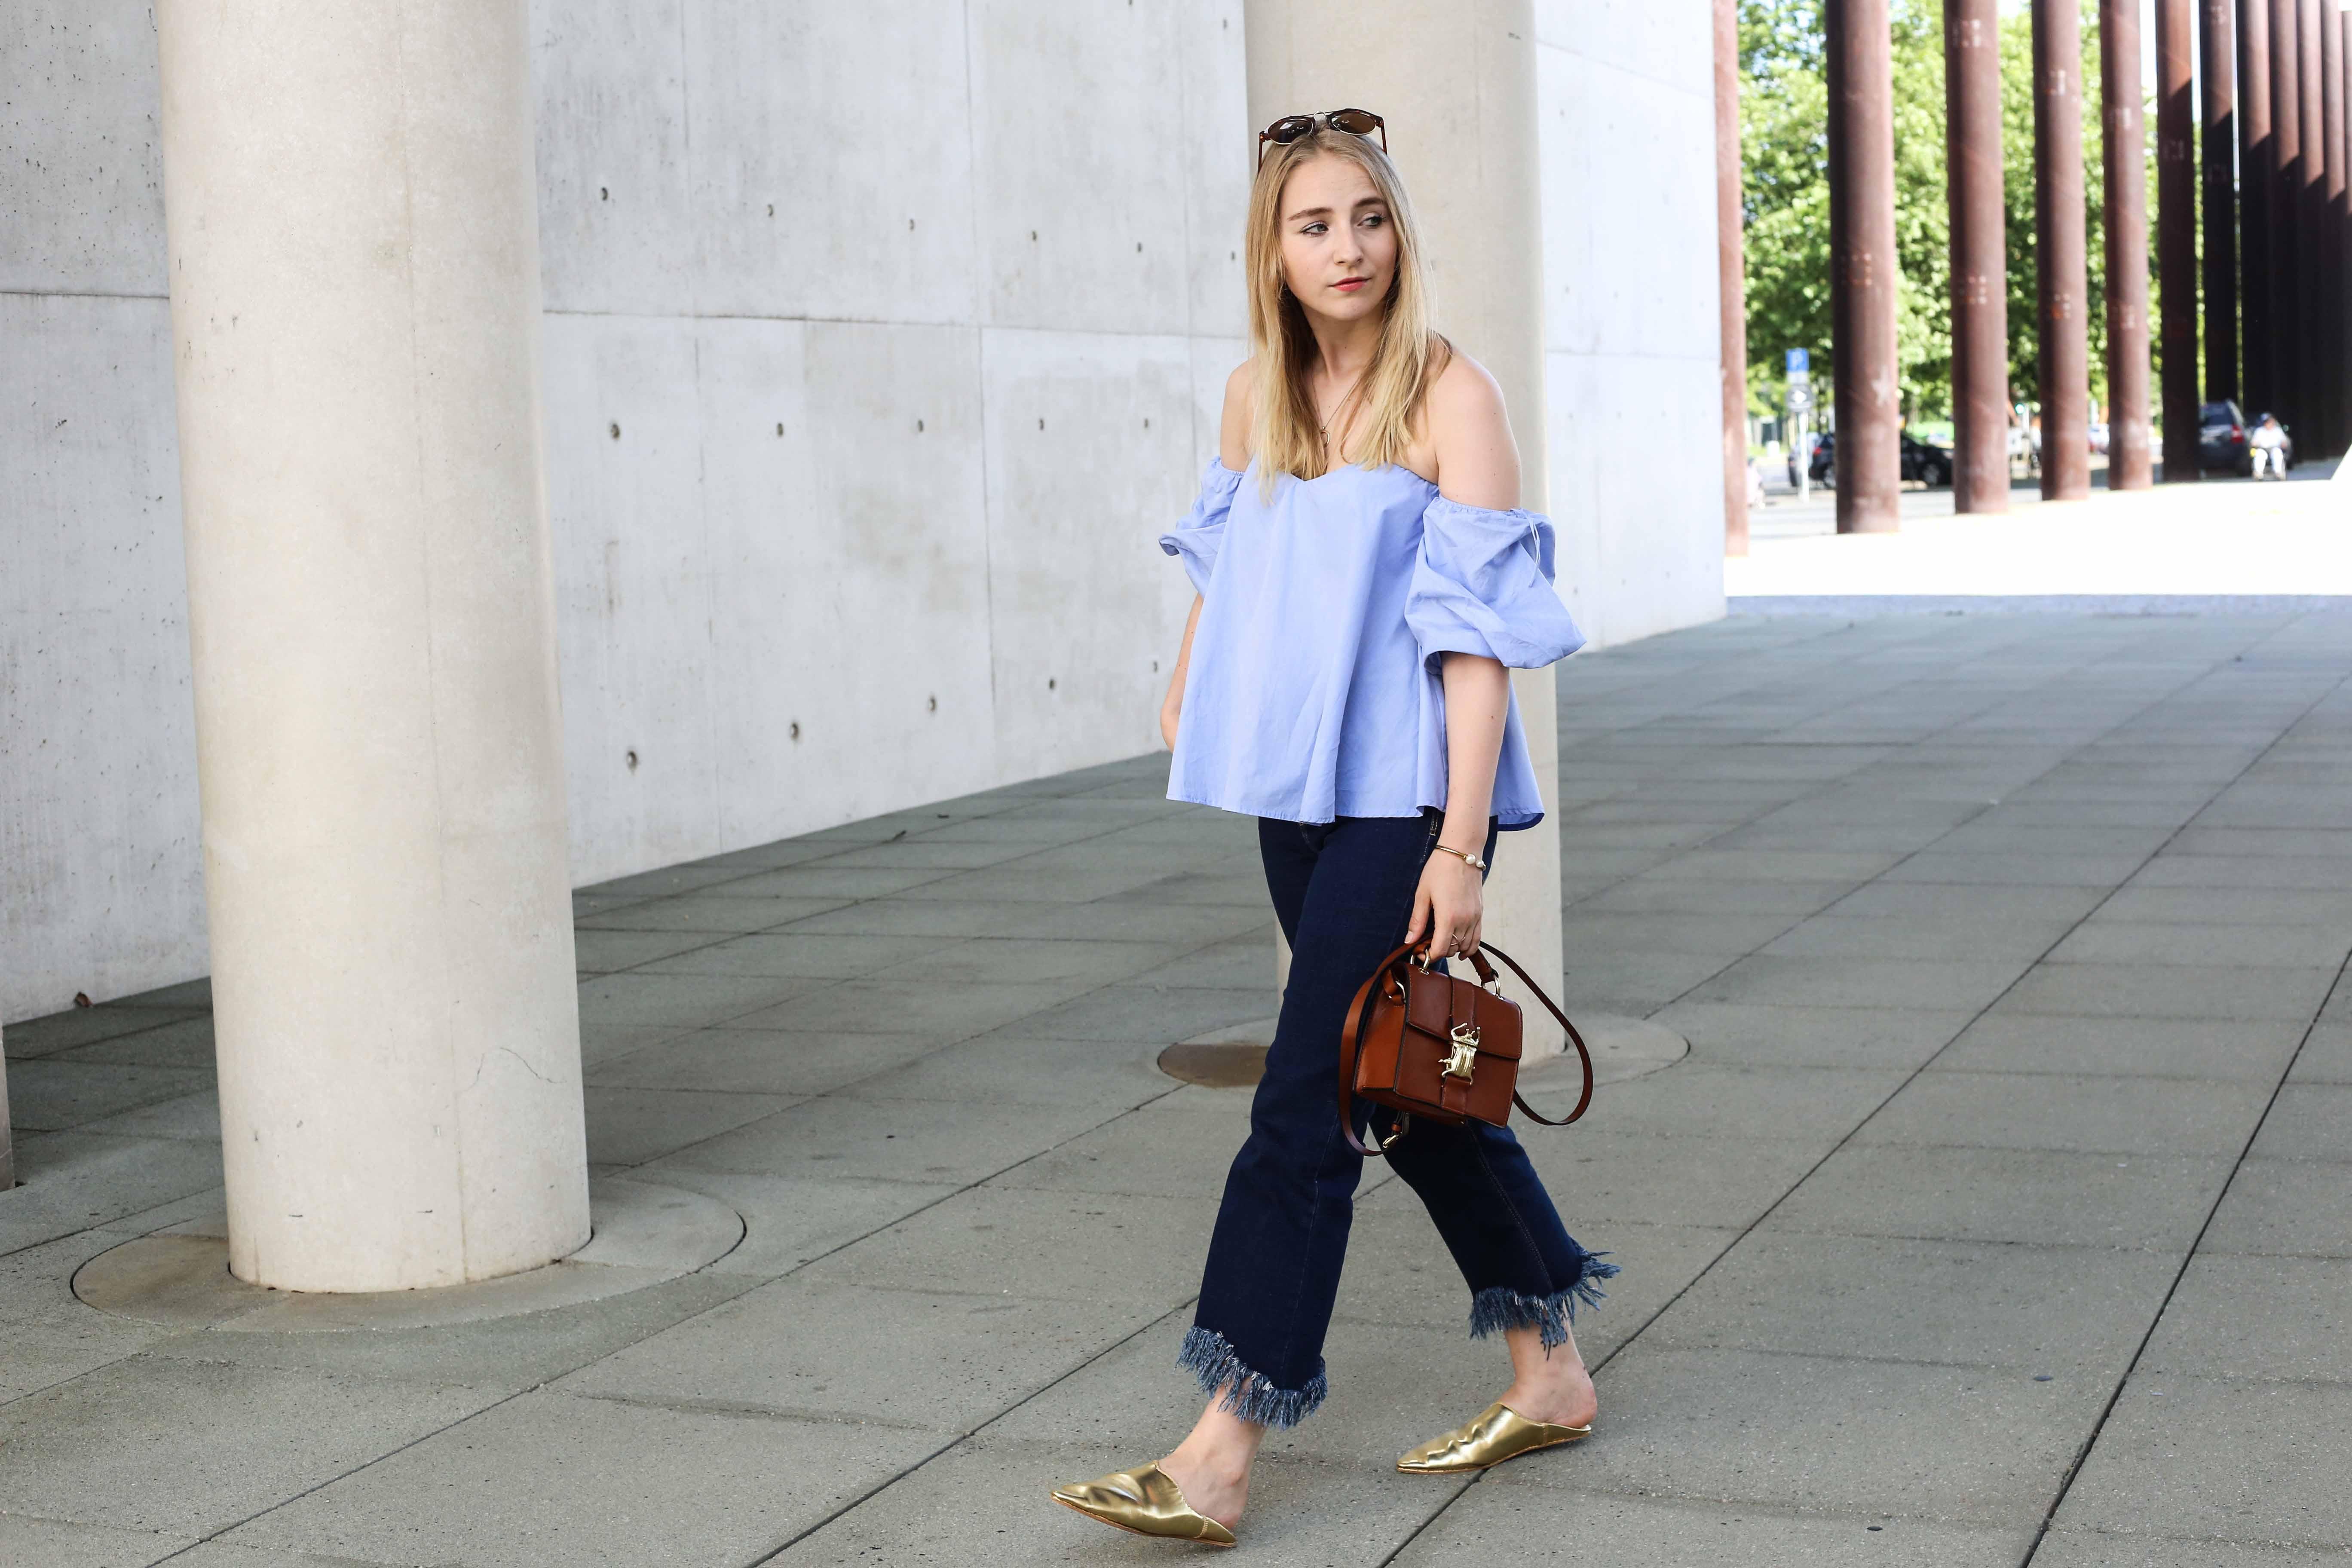 off-shoulder-fransenjeans-outfit-babouches-fashionblogger-modeblog-köln-berlin-modeblogger_7325